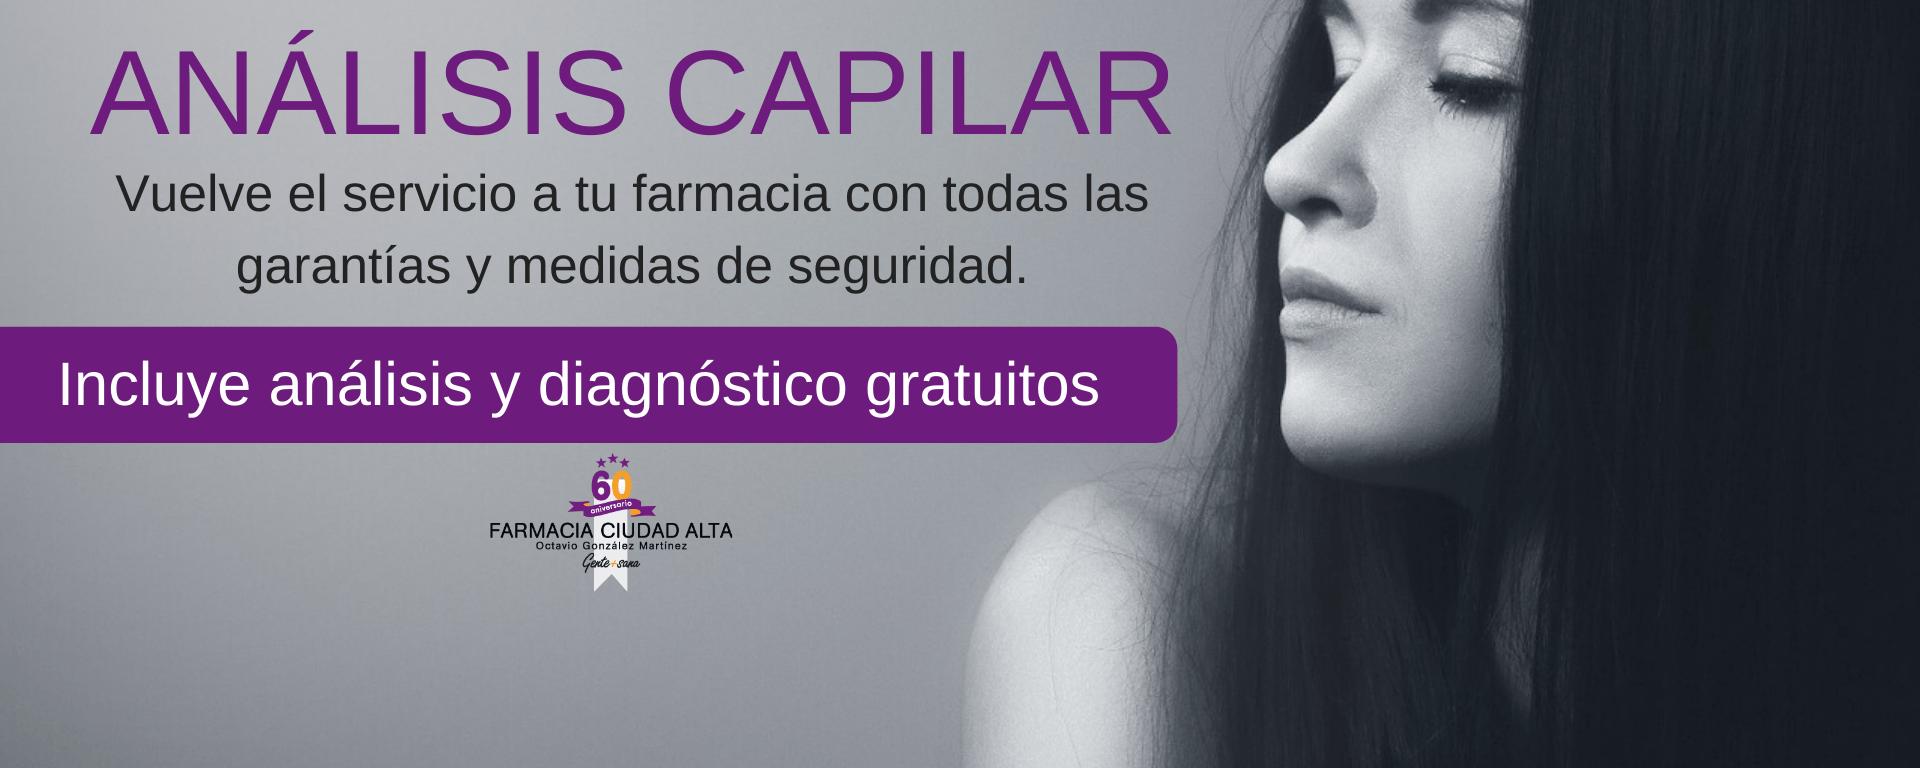 Análisis capilar Farmacia Ciudad Alta